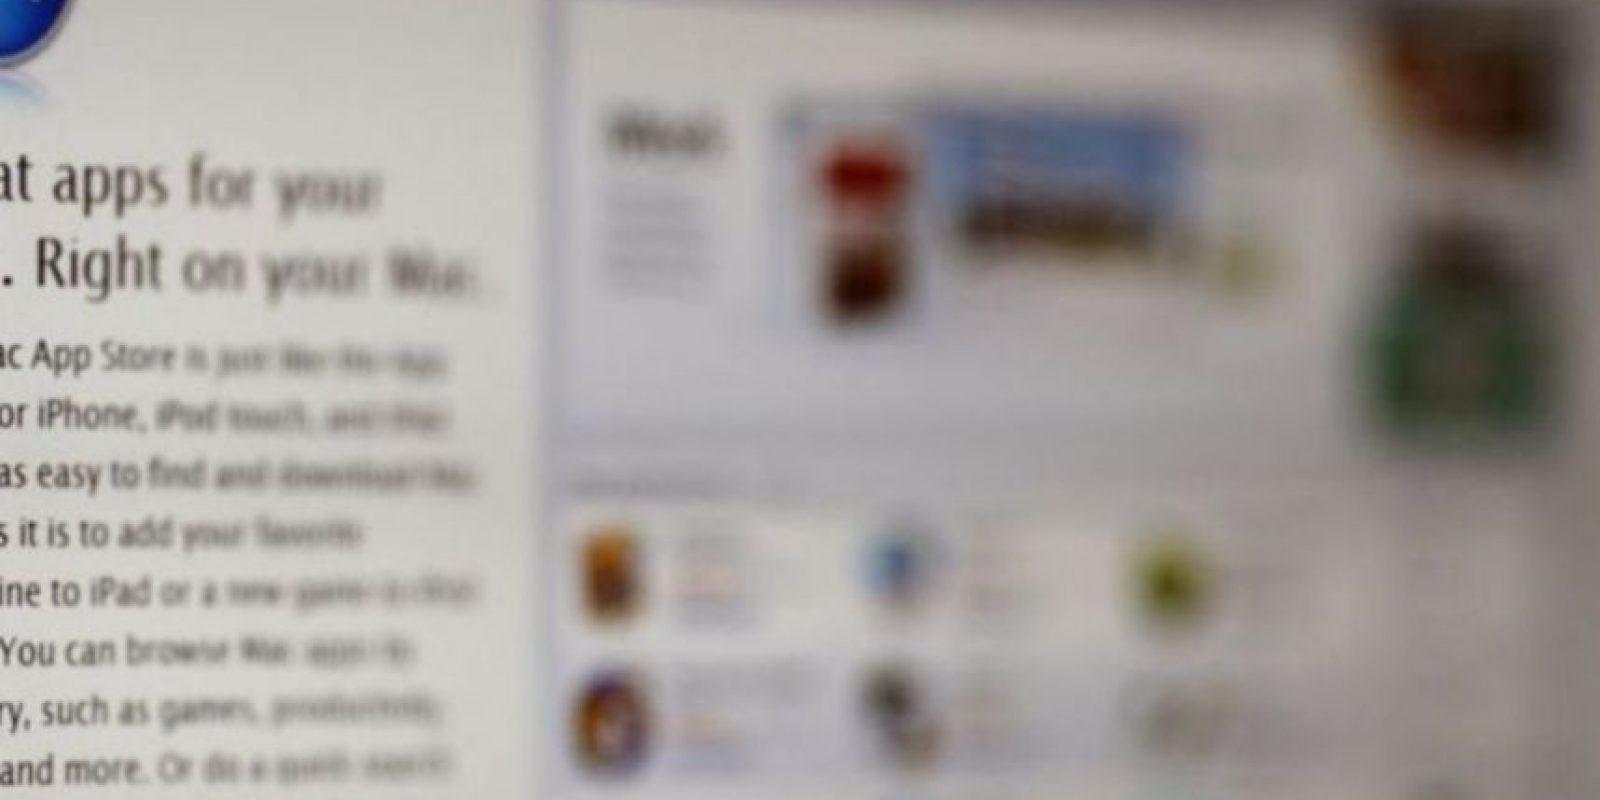 Apple removió la app Secret de su tienda brasileña debido a que promovía la libertad de expresión anónima, lo cual está prohibido en aquel país. Foto:Getty Images